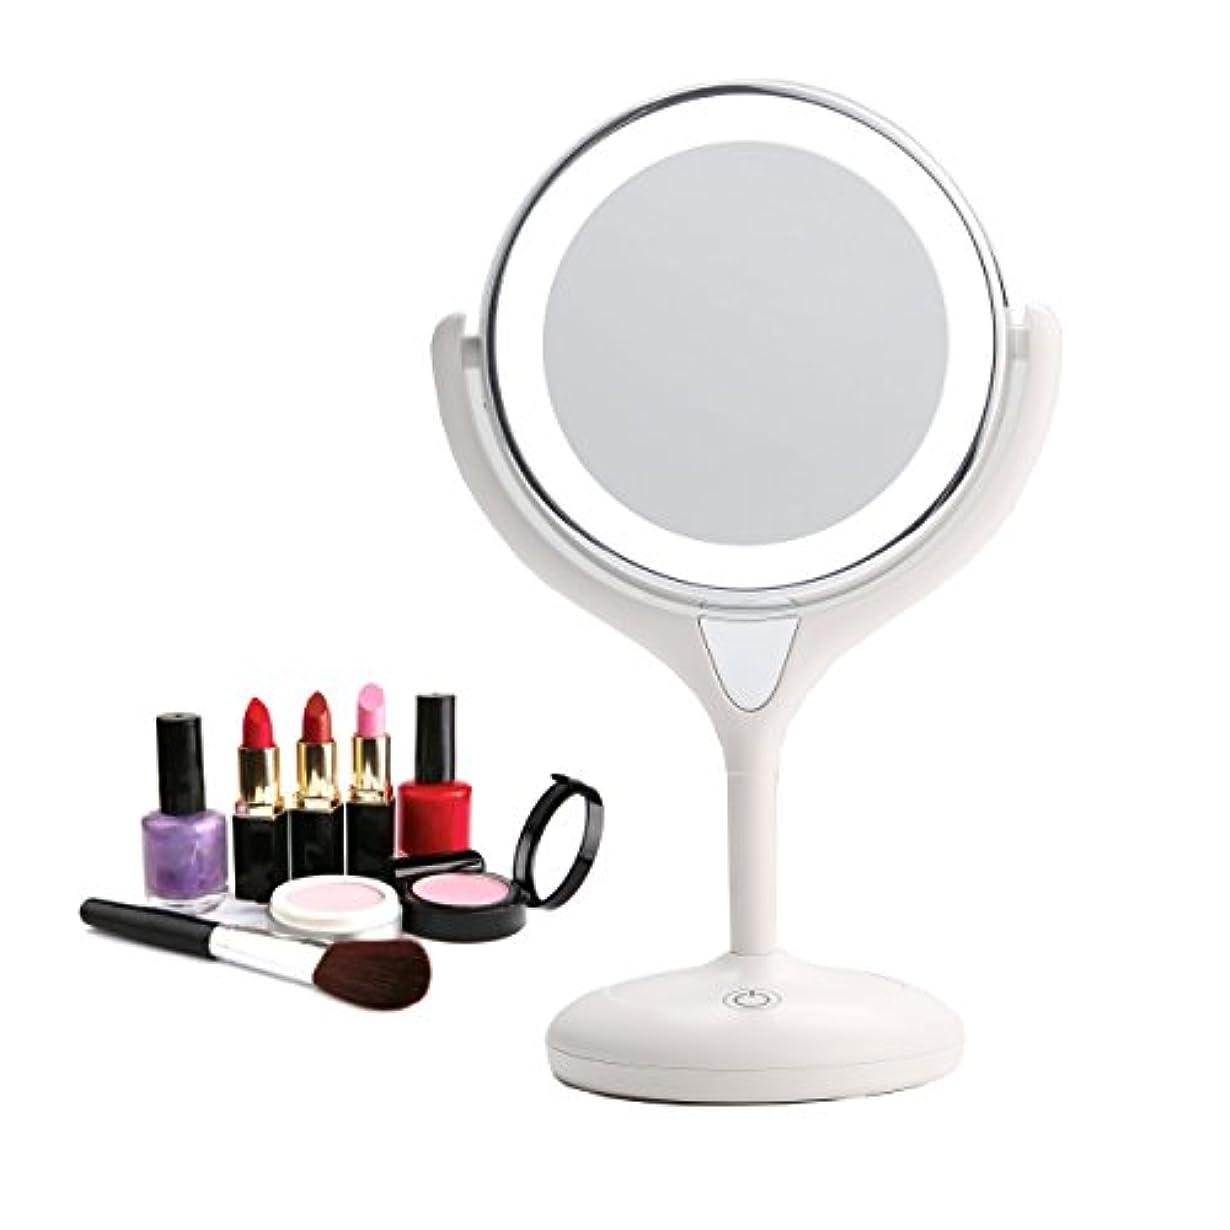 等々チョップ追記Bestaid-スタンドミラー シンプルデザイン 真実の両面鏡DX 10倍拡大鏡 360度回転 卓上鏡 メイク 化粧道具 14 * 11.5 * 28.5cm